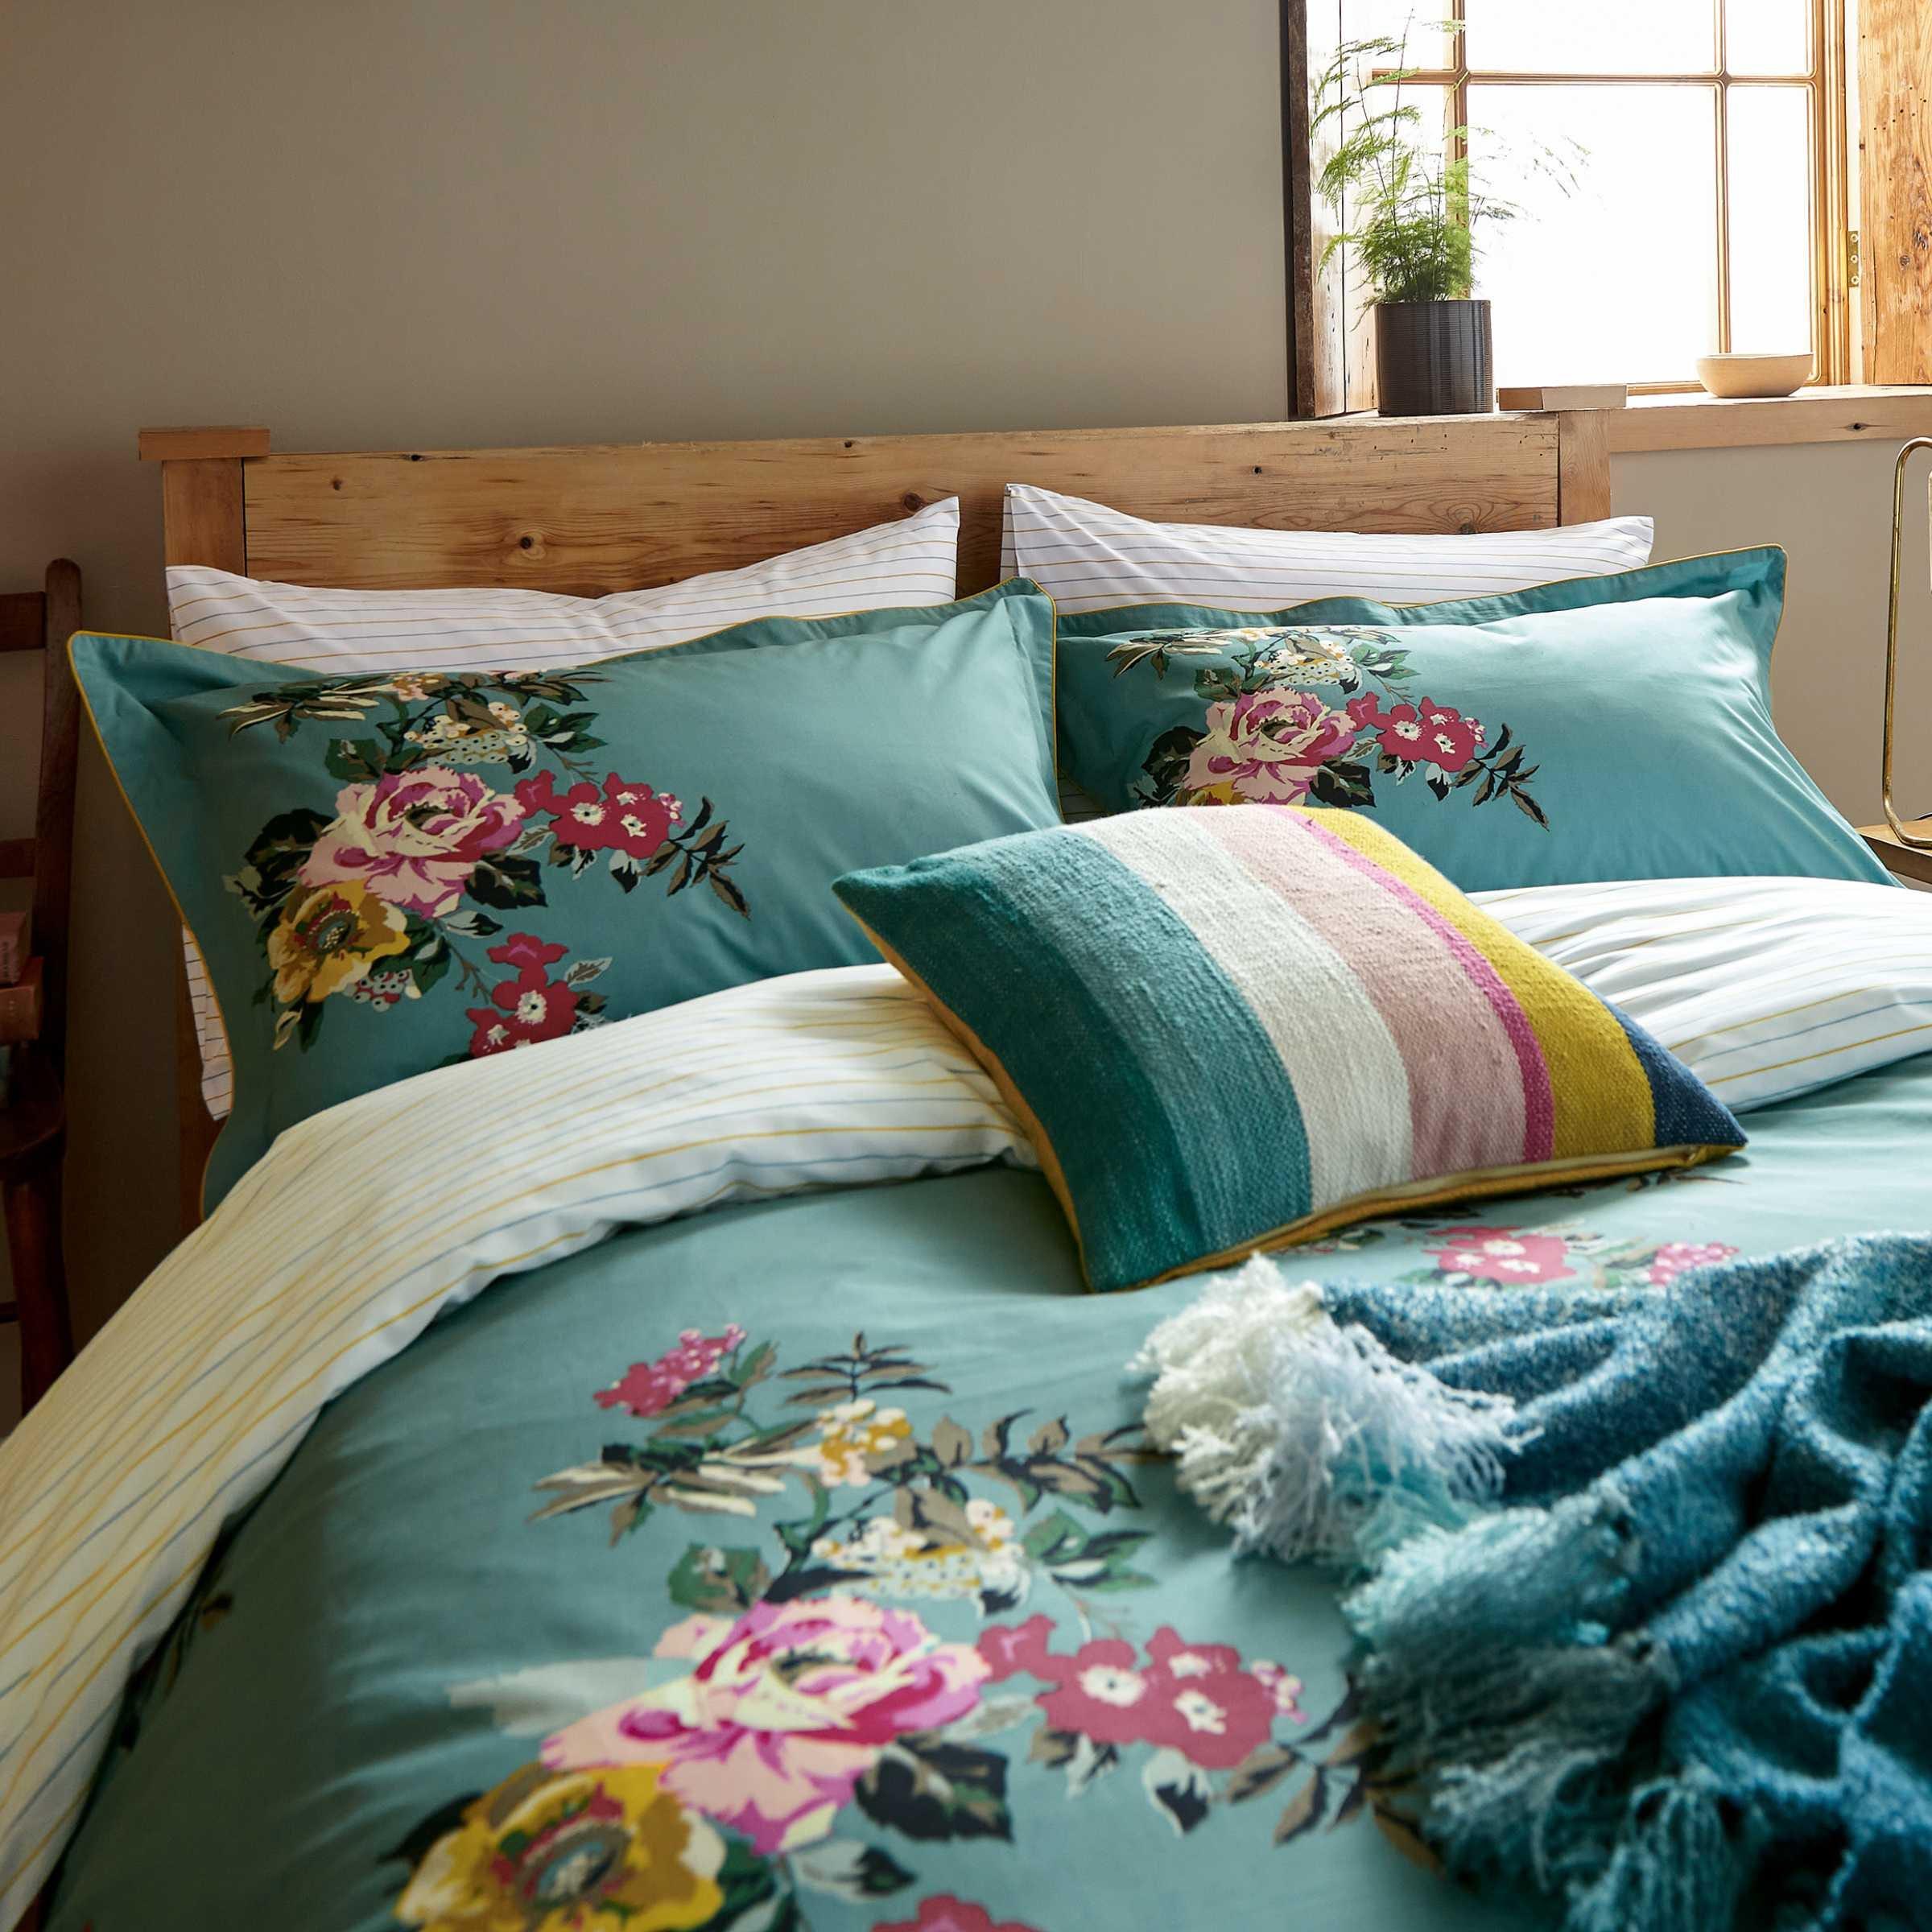 Joules Cotswold Floral Super Kingsize Duvet Cover Set, Altantic Blue